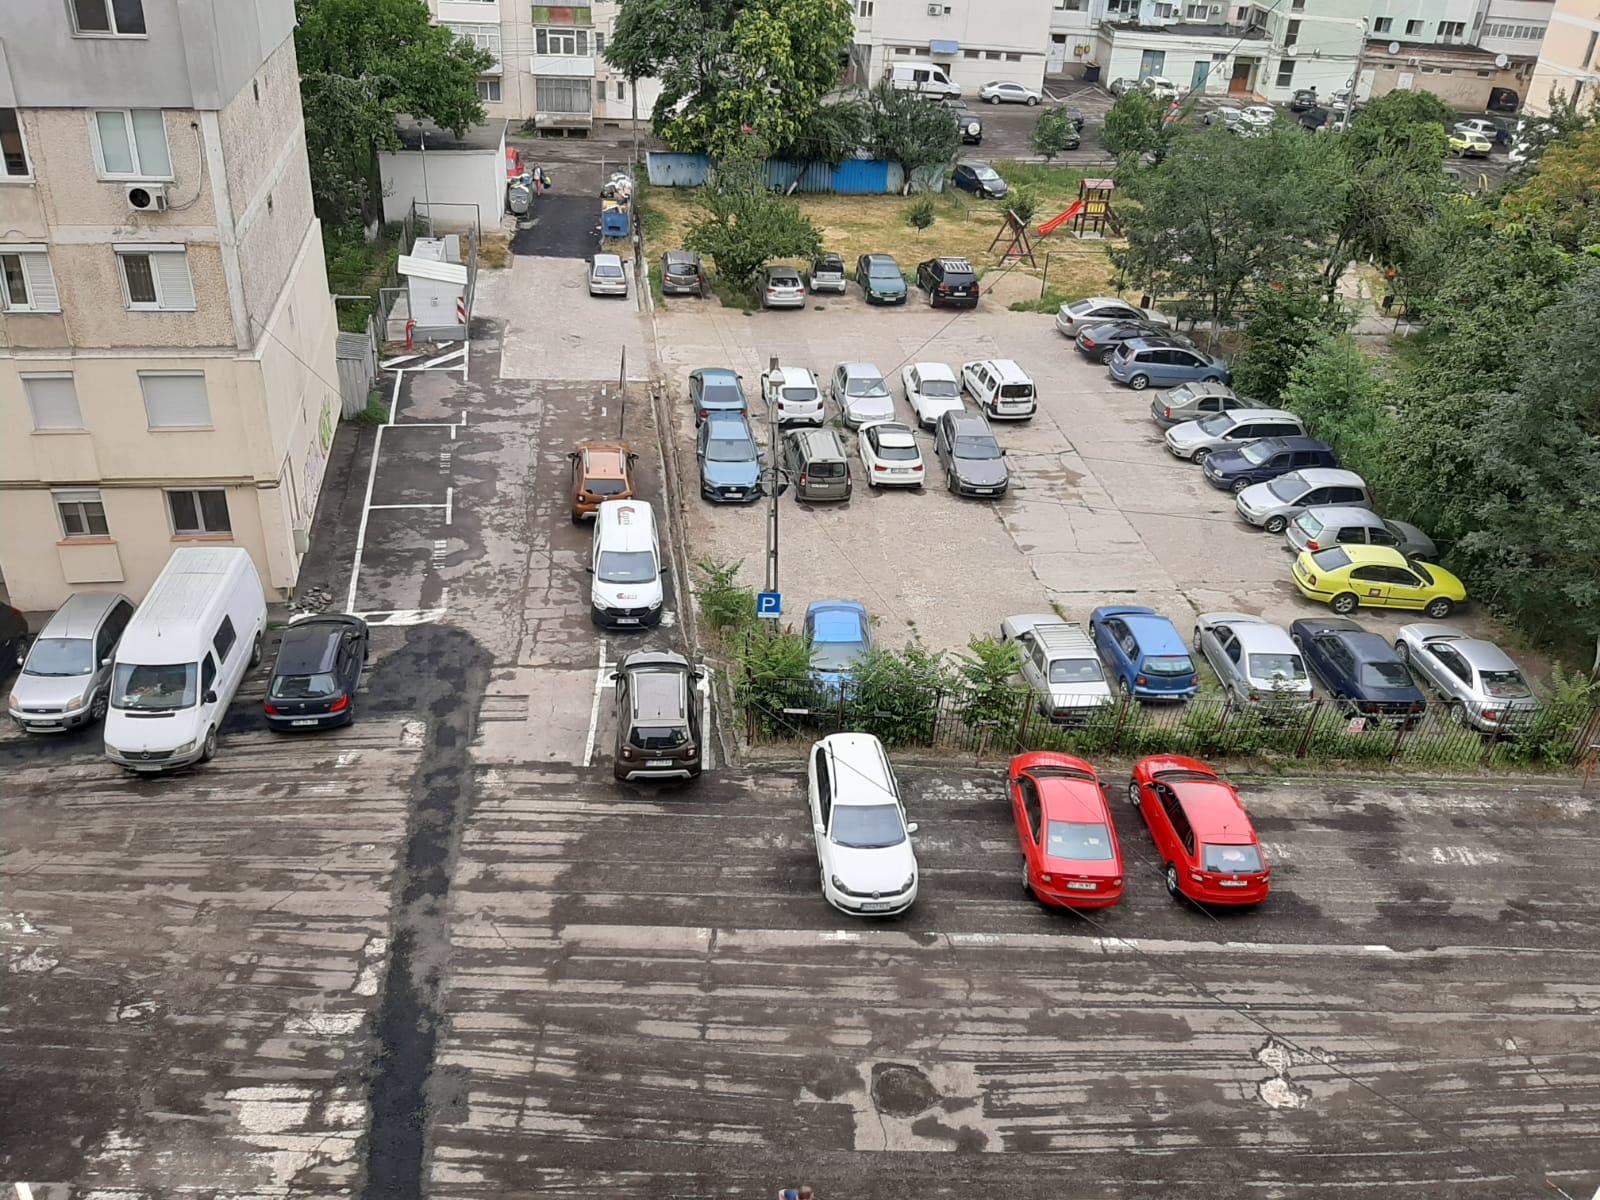 Se efectuează lucrări de modernizare a parcărilor, proprietarii de autoturisme sunt rugați să elibereze zonele